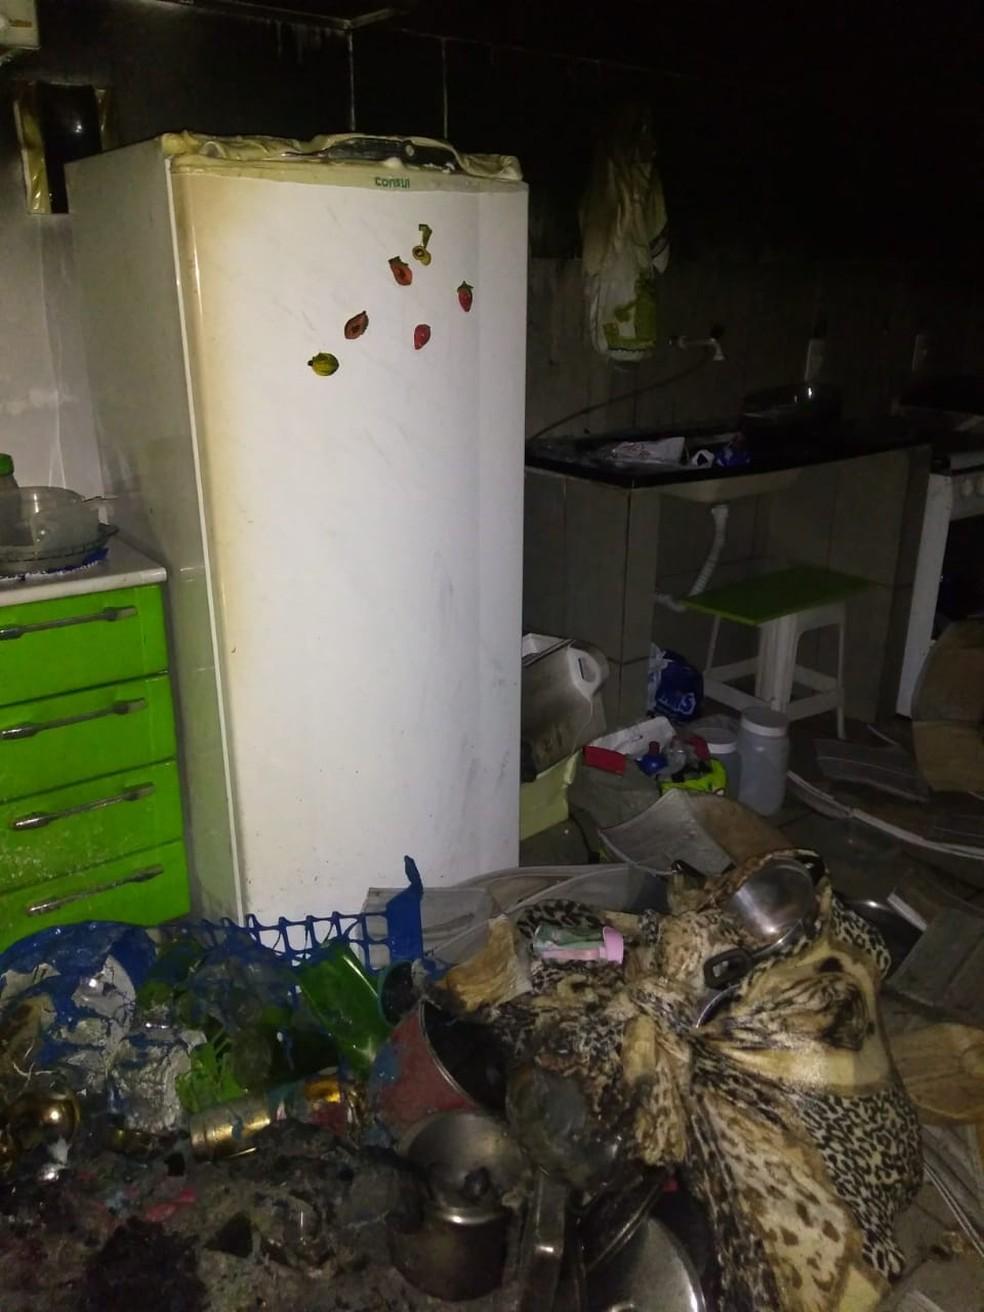 Apartamento após incêndio criminoso em que homem tentou matar mulher no Recanto das Emas, no DF — Foto: Corpo de Bombeiros/Divulgação